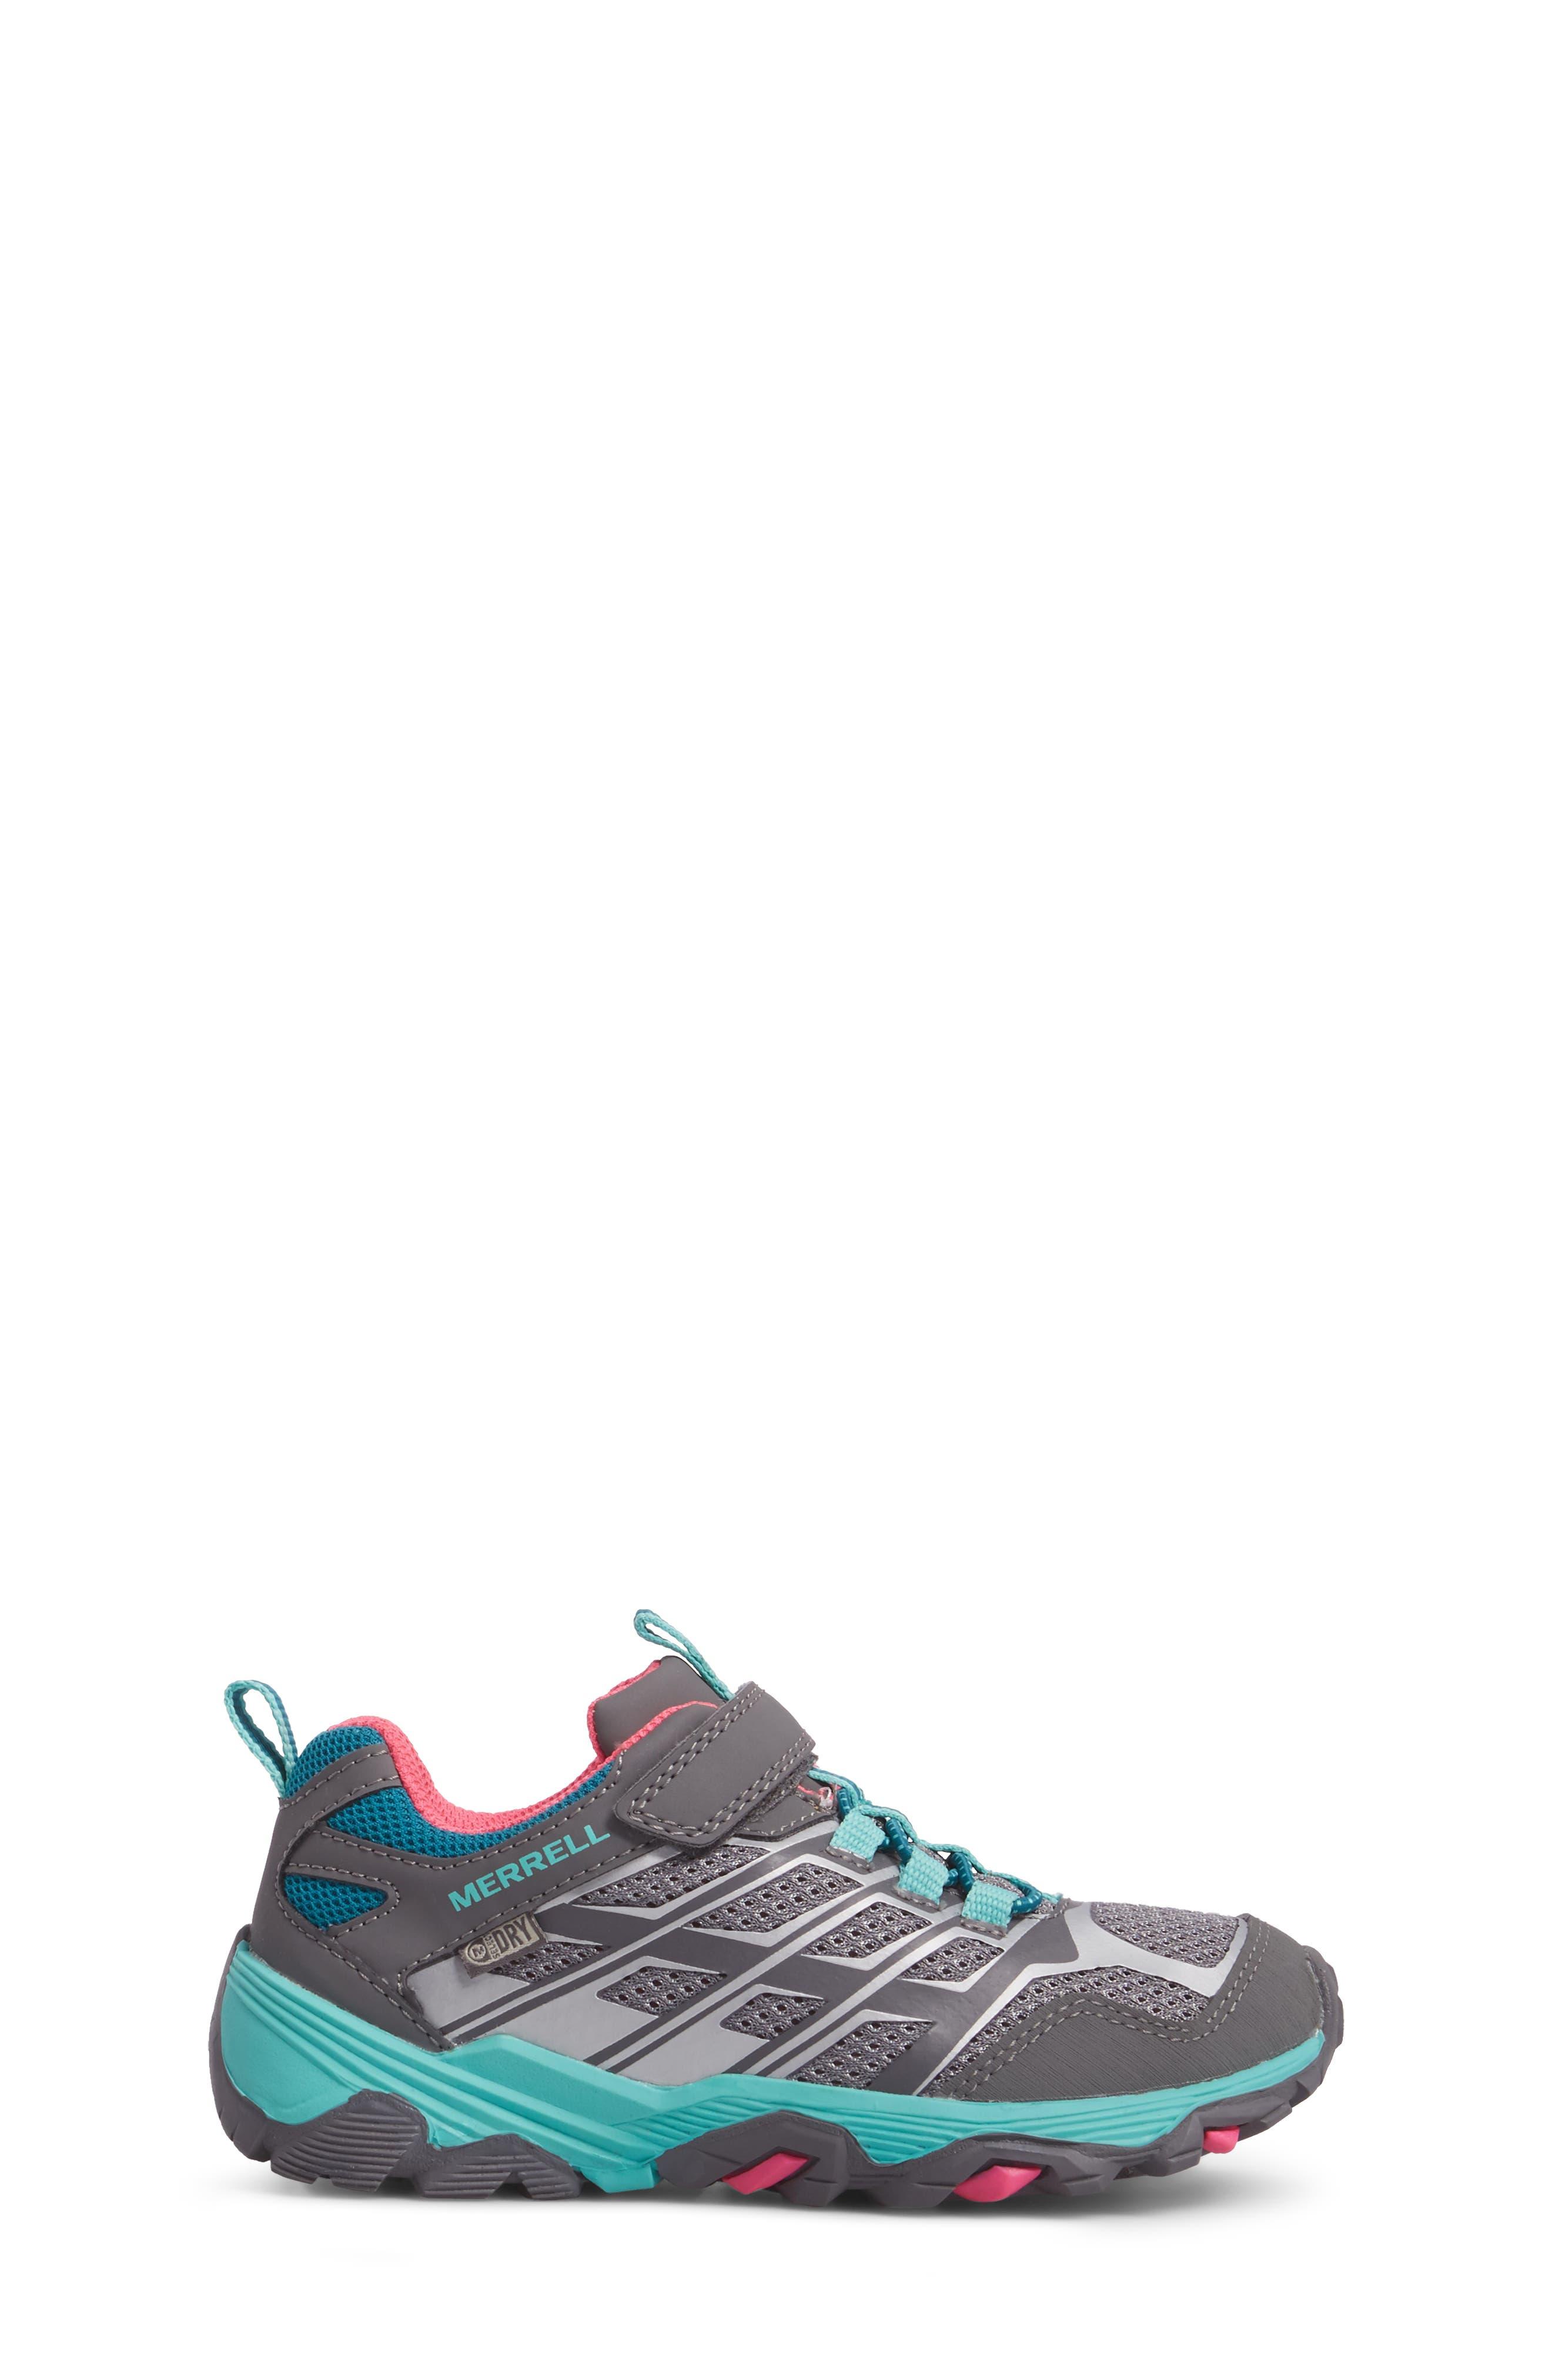 Moab FST Polar Low Waterproof Sneaker,                             Alternate thumbnail 3, color,                             Grey/ Multi